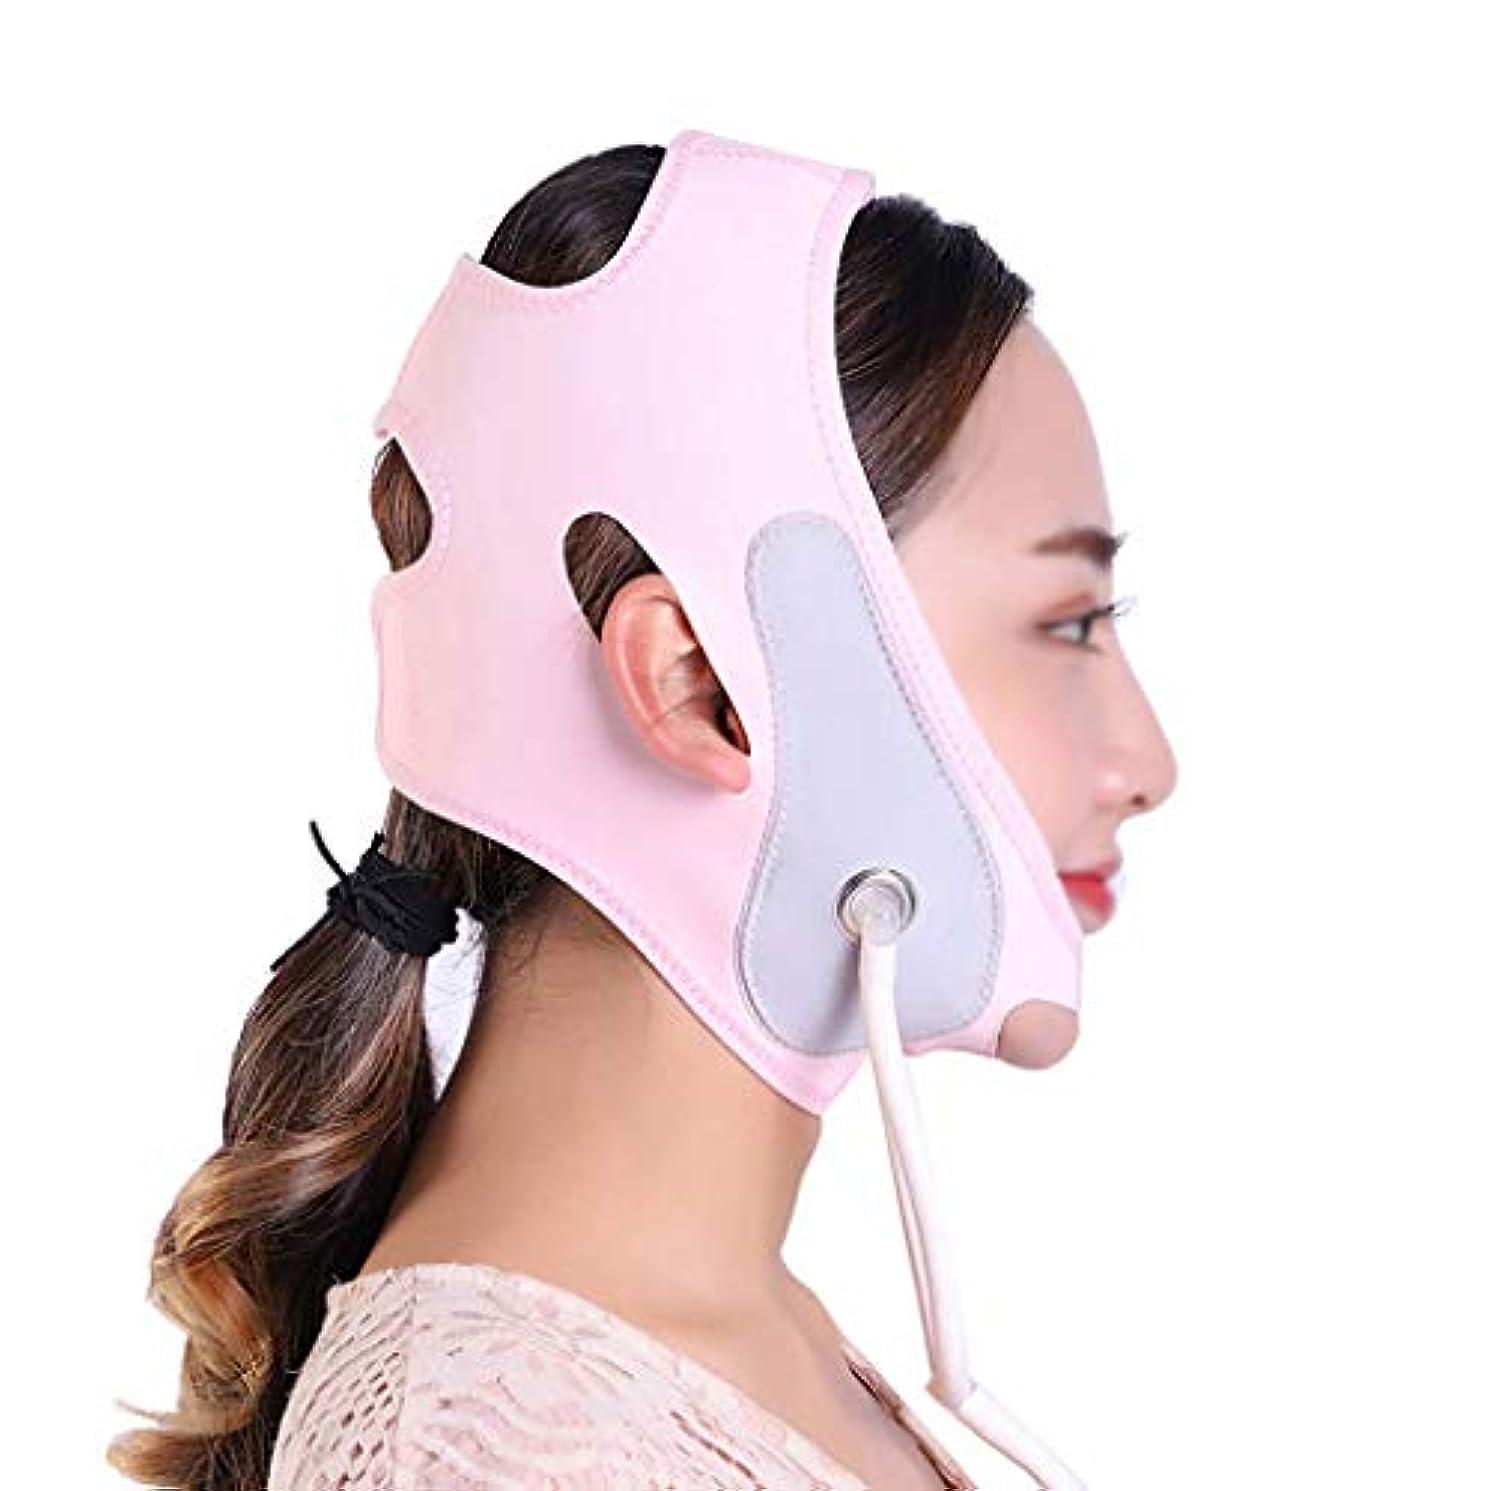 データの証言する顔と首のリフト後伸縮性スリーブシンフェイスマスク引き締め肌の改善マッサージリフティング収縮シンフェイス弾性包帯Vフェイスアーティファクト